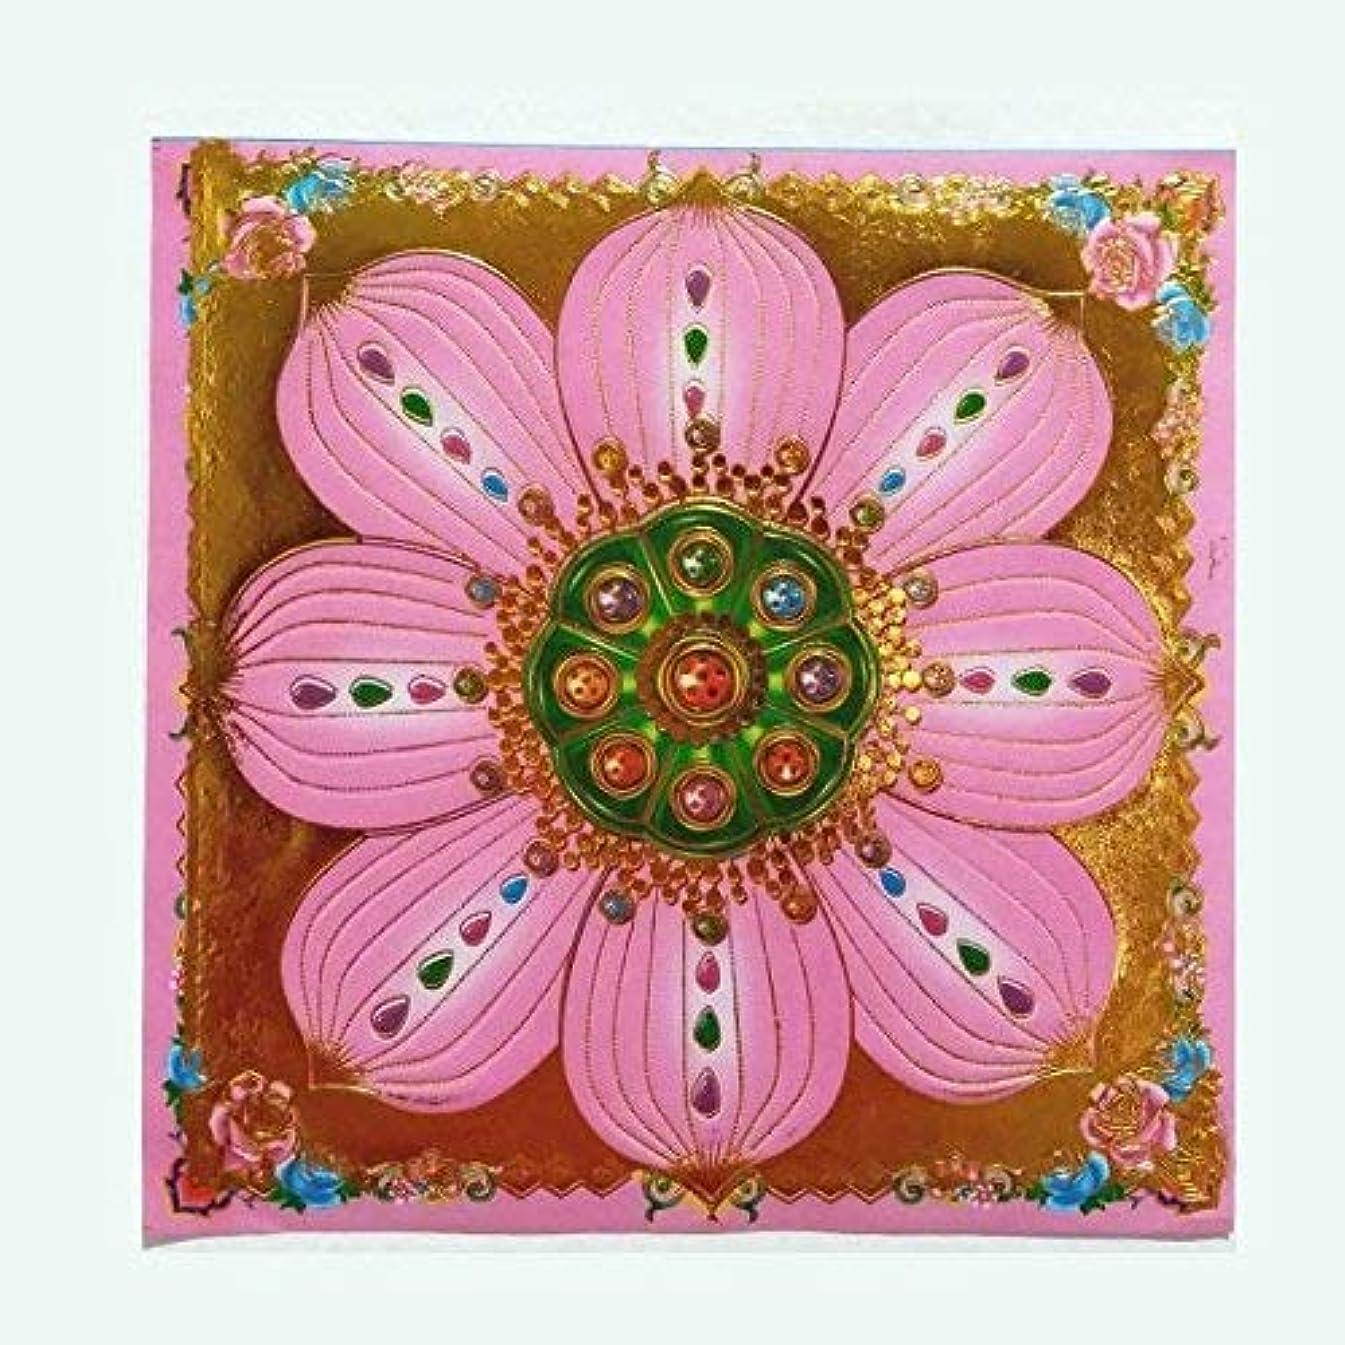 宣伝深める爆発する40pcs Incense用紙/ Joss用紙ハイグレードカラフルwithゴールドの箔Sサイズの祖先Praying 7.5インチx 7.5インチ(ピンク)